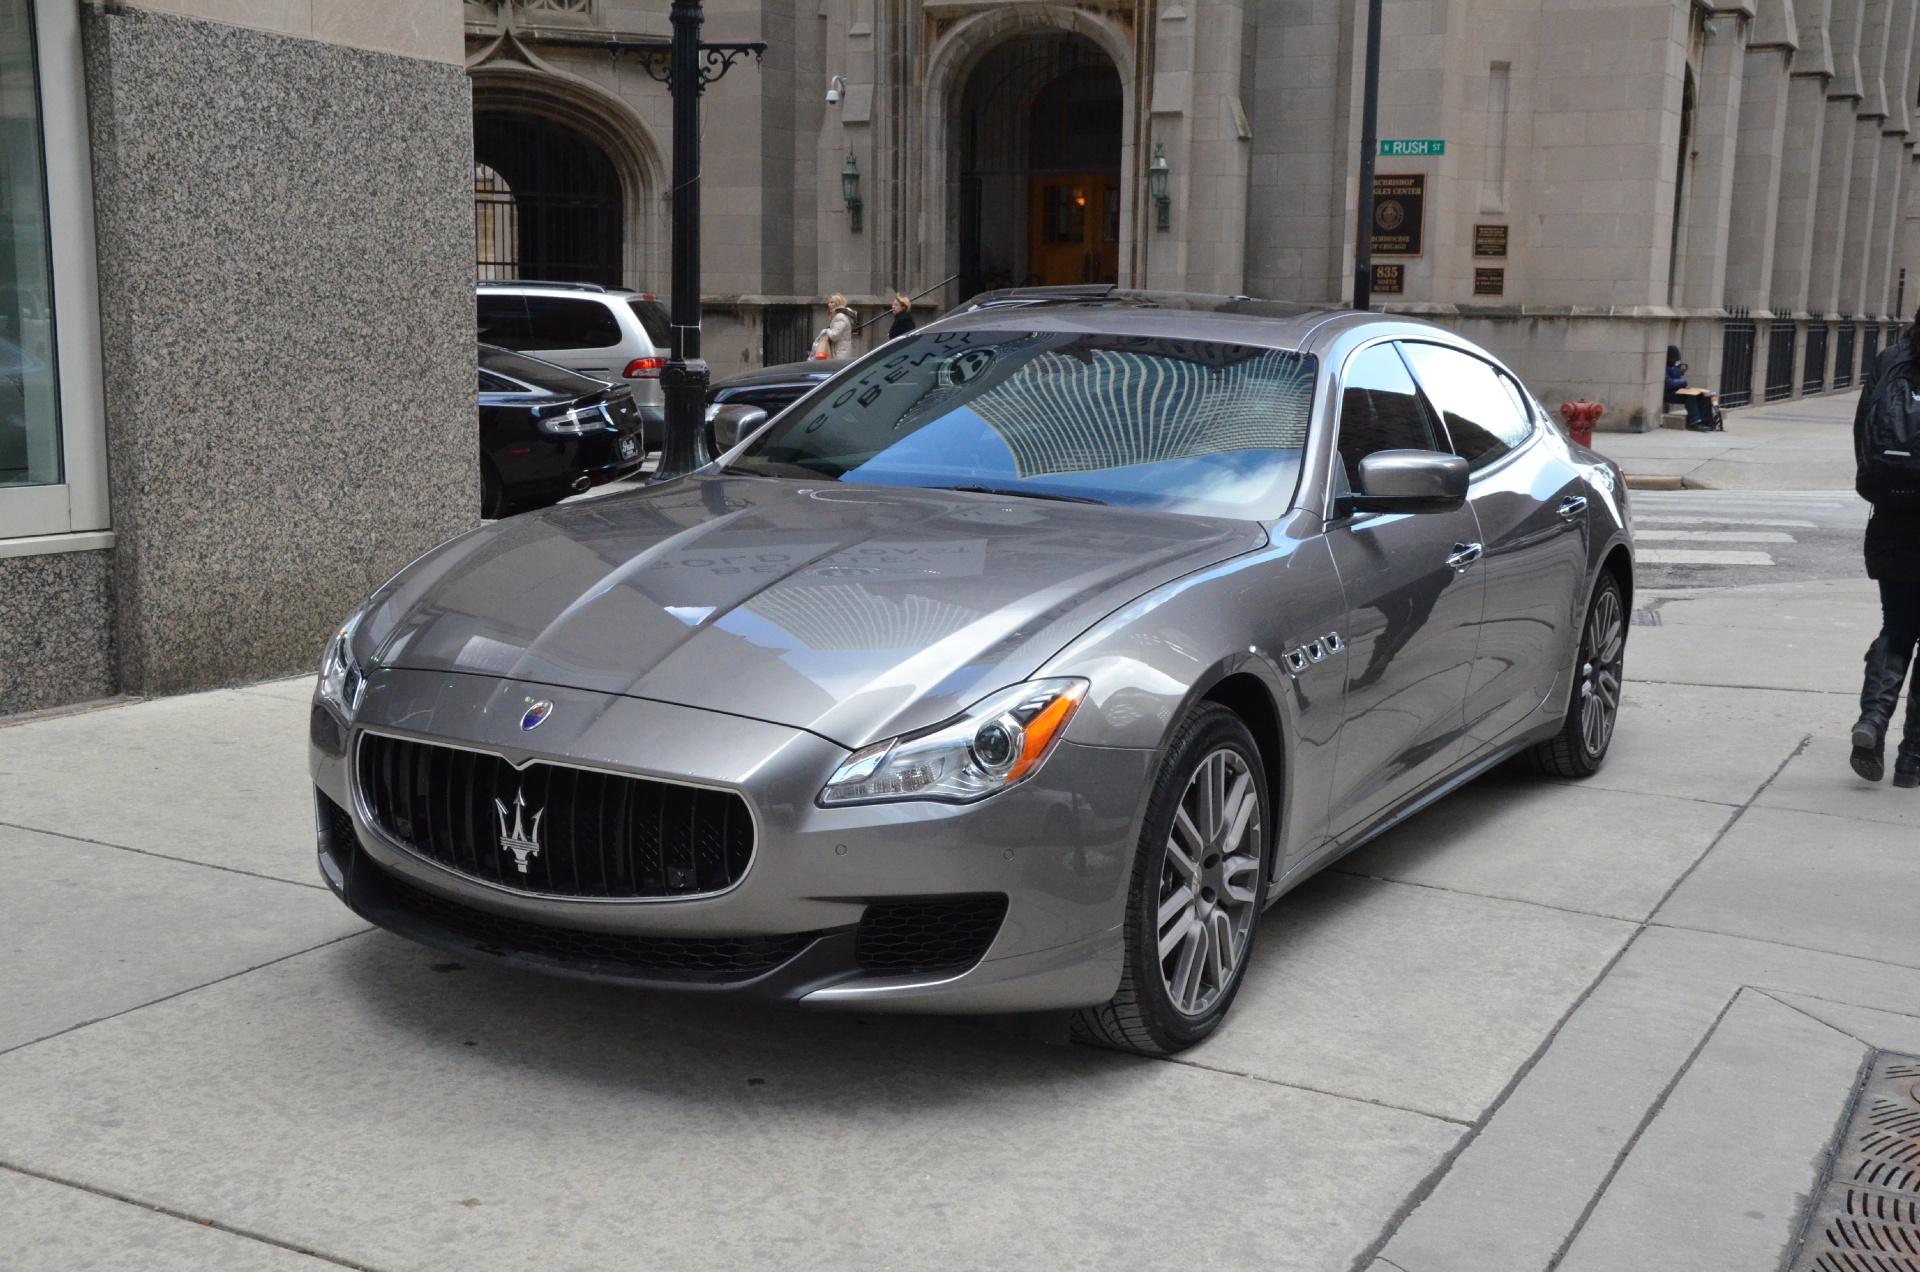 Gold Coast Bentley >> 2015 Maserati Quattroporte SQ4 S Q4 Stock # M424-S for sale near Chicago, IL   IL Maserati Dealer